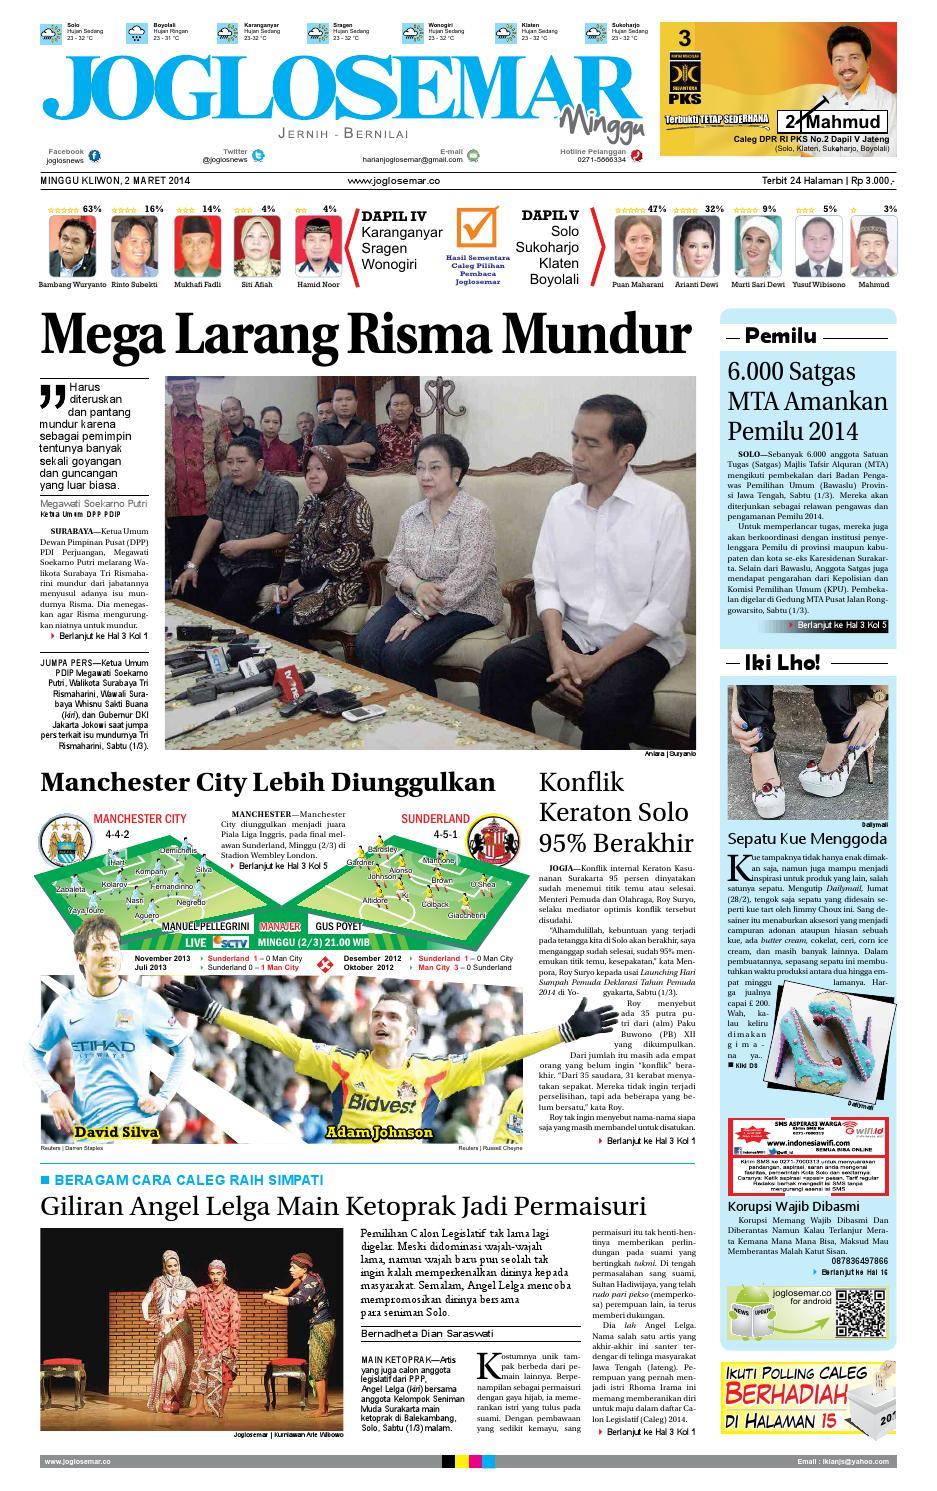 Epaper Edisi 02 Maret 2014 By PT Joglosemar Prima Media Issuu